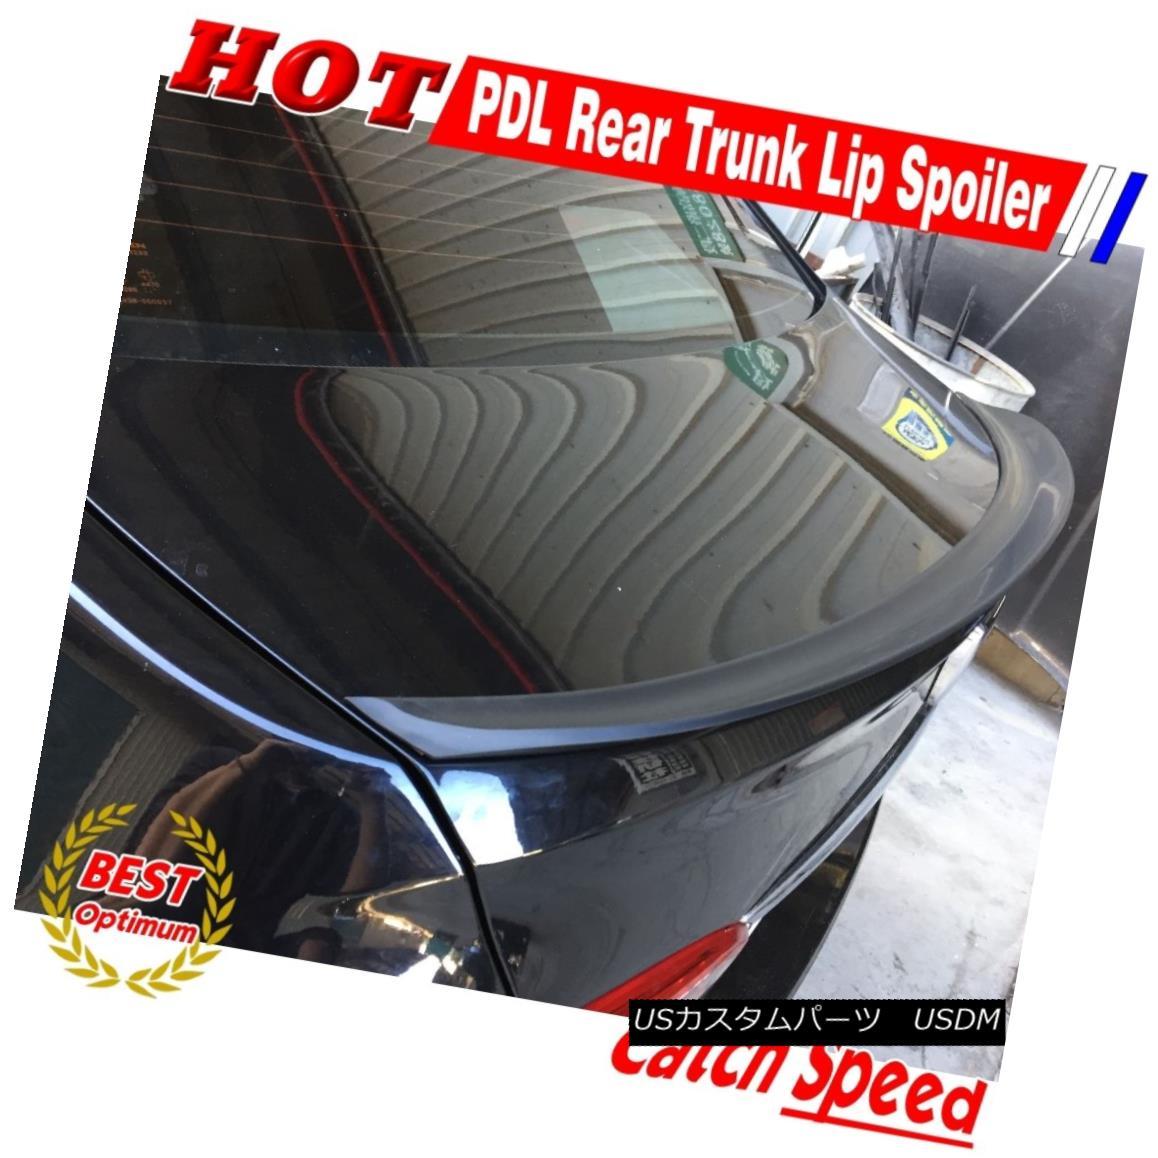 エアロパーツ Painted P Type Rear Trunk Lip Spoiler Wing For Audi A6 C6 Sedan 2010~2011 ペイントされたPタイプのリアトランクリップスポイラーウィングアウディA6 C6セダン2010?2011